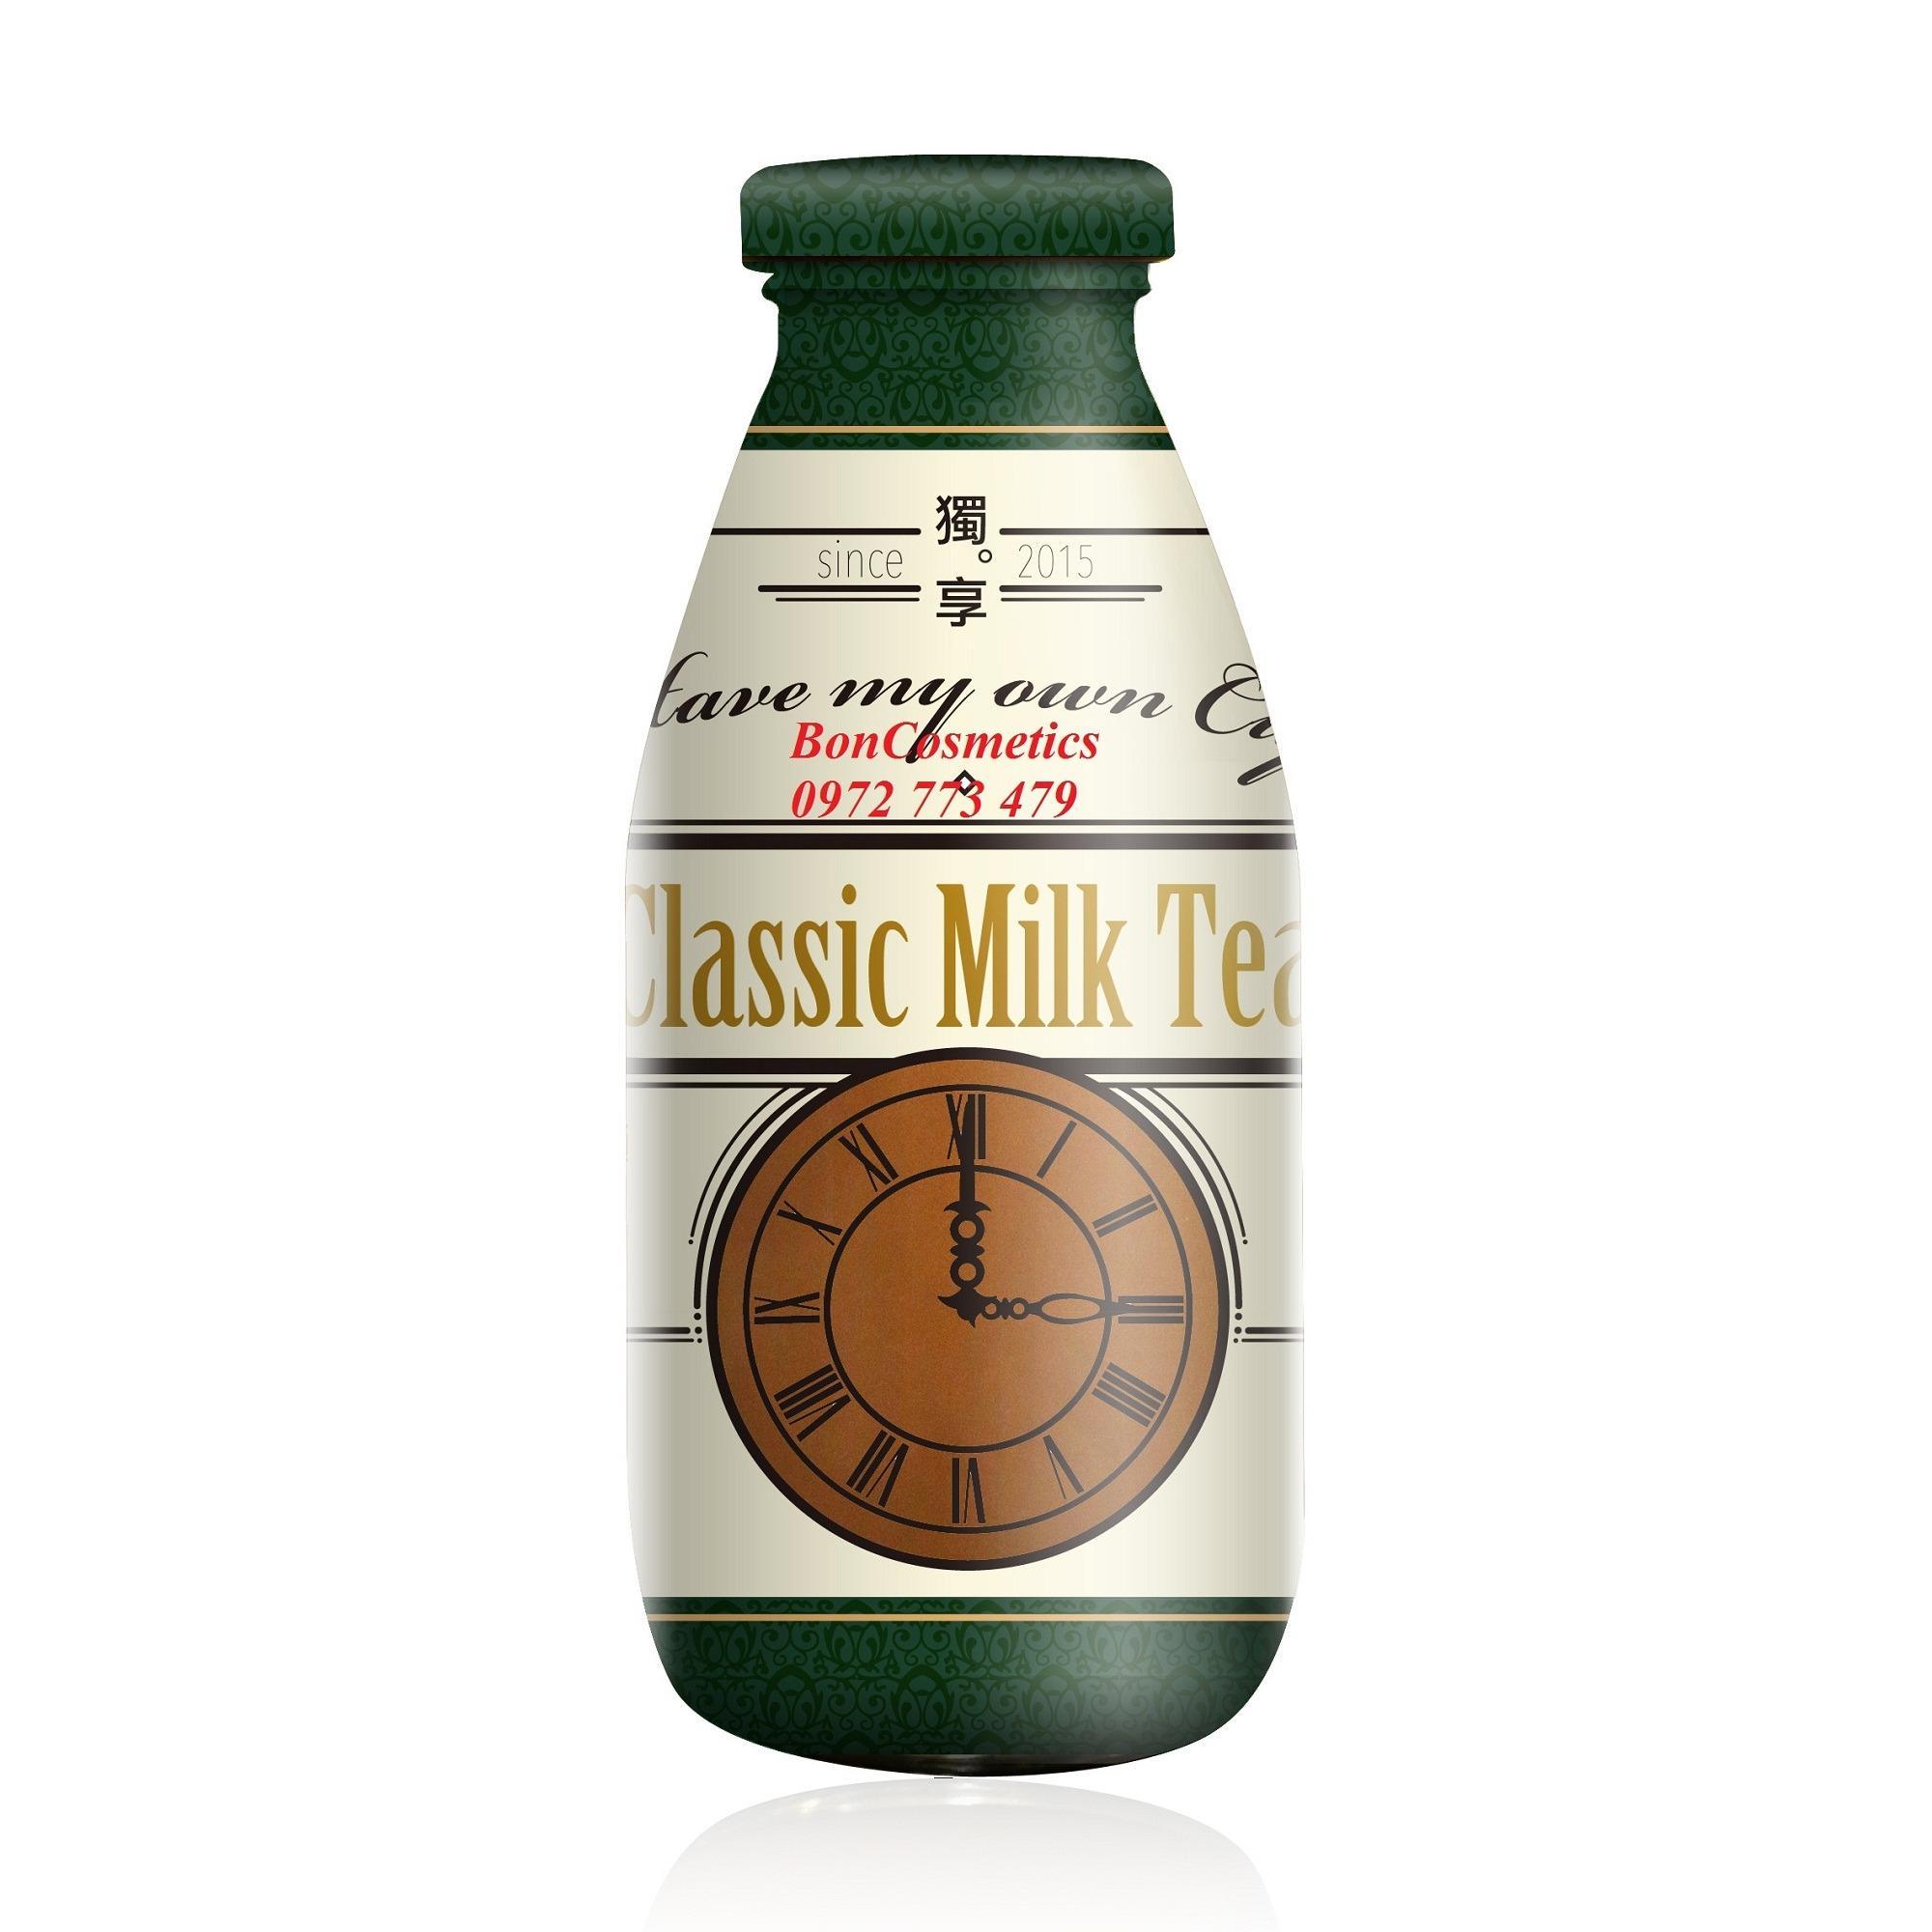 Trà Sữa Đài Loan Classic Milk Tea